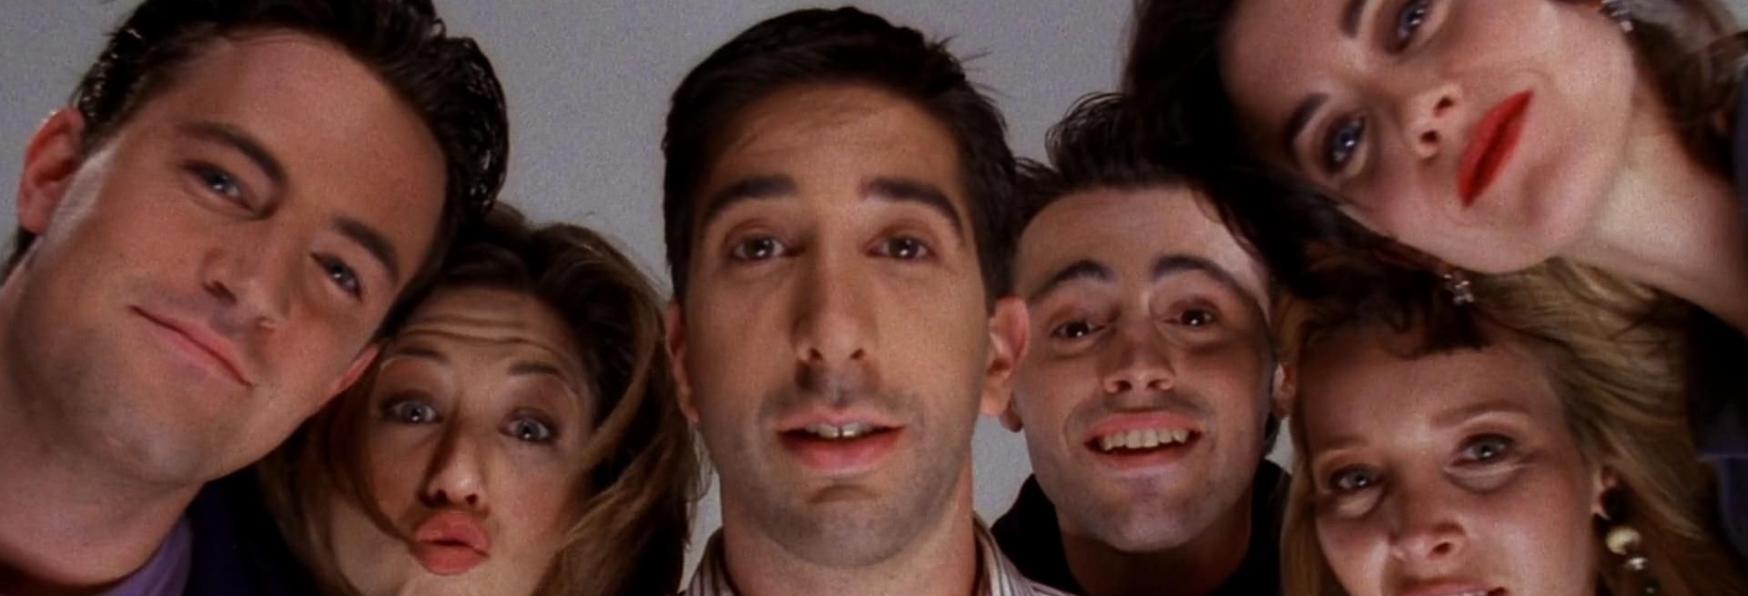 Friends: il Punteggio su Rotten Tomatoes e le Prime Impressioni della Reunion